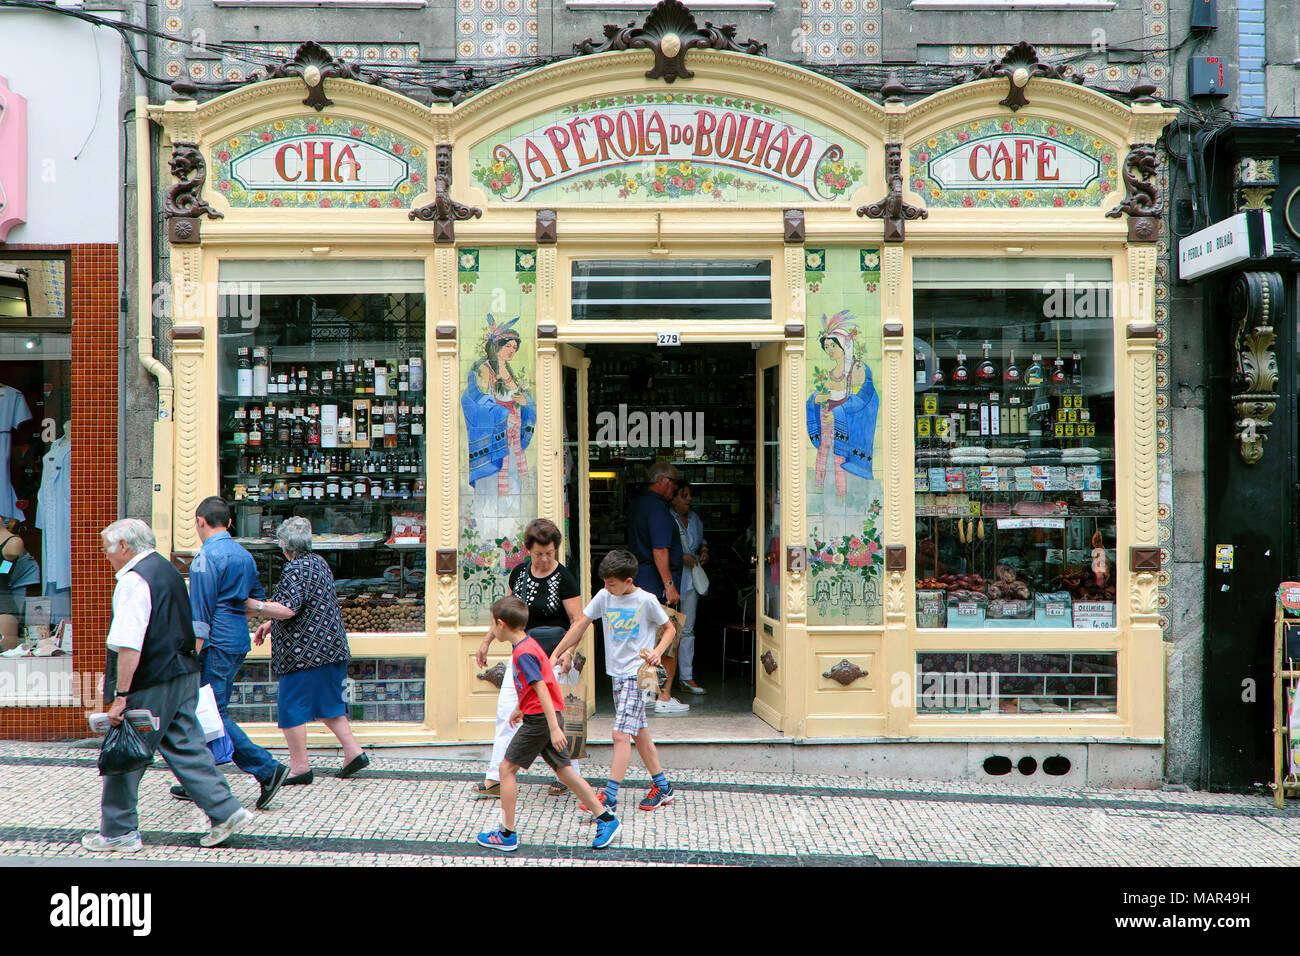 A Pérola do Bolhão grocery store, Porto, Norte Region, Portugal - Stock Image